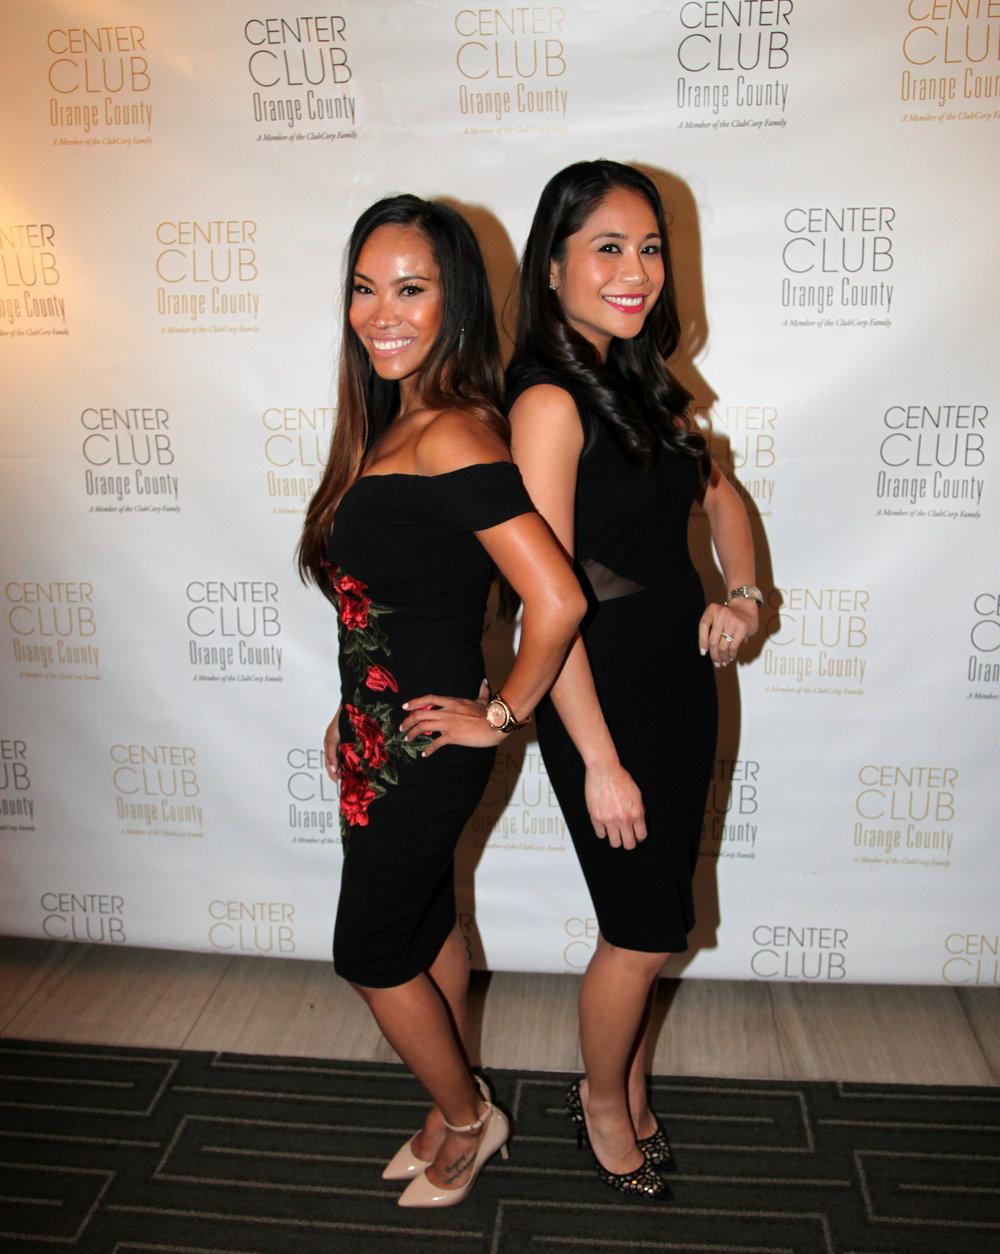 Kristine Molina and Kristine Batista